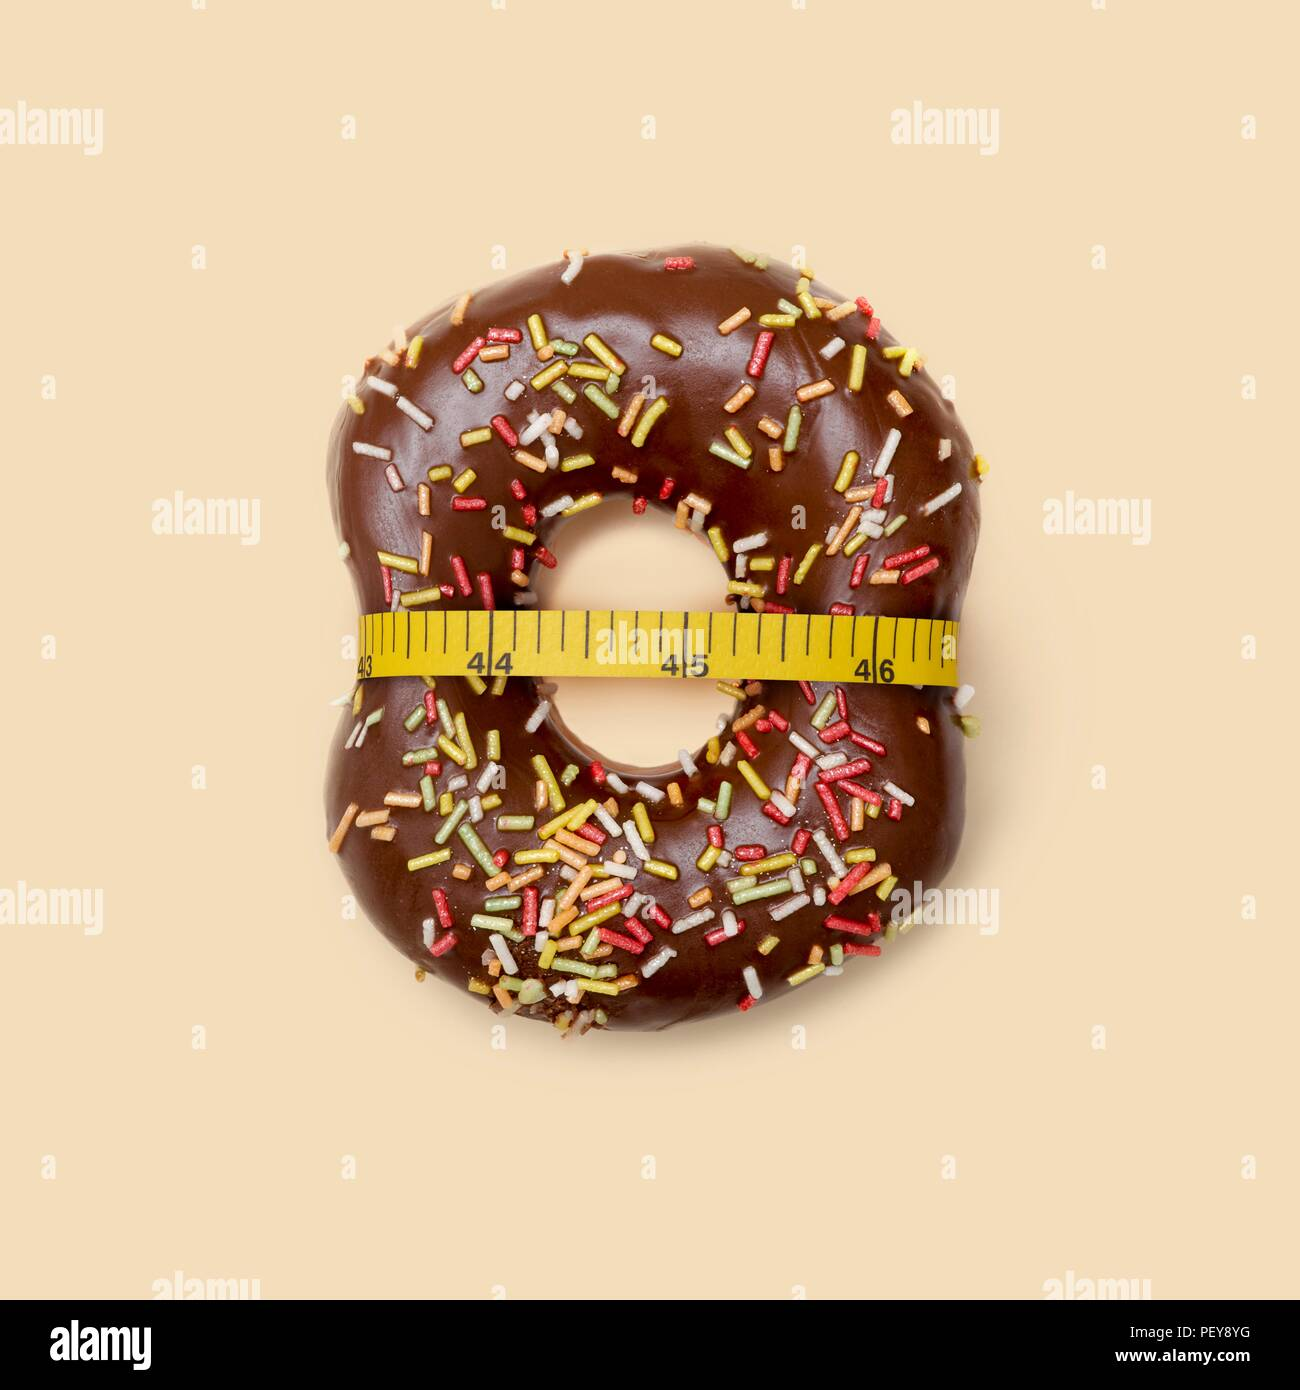 Suivre un régime, conceptual image. Beignet au chocolat avec du sucre et ruban à mesurer, studio shot. Photo Stock